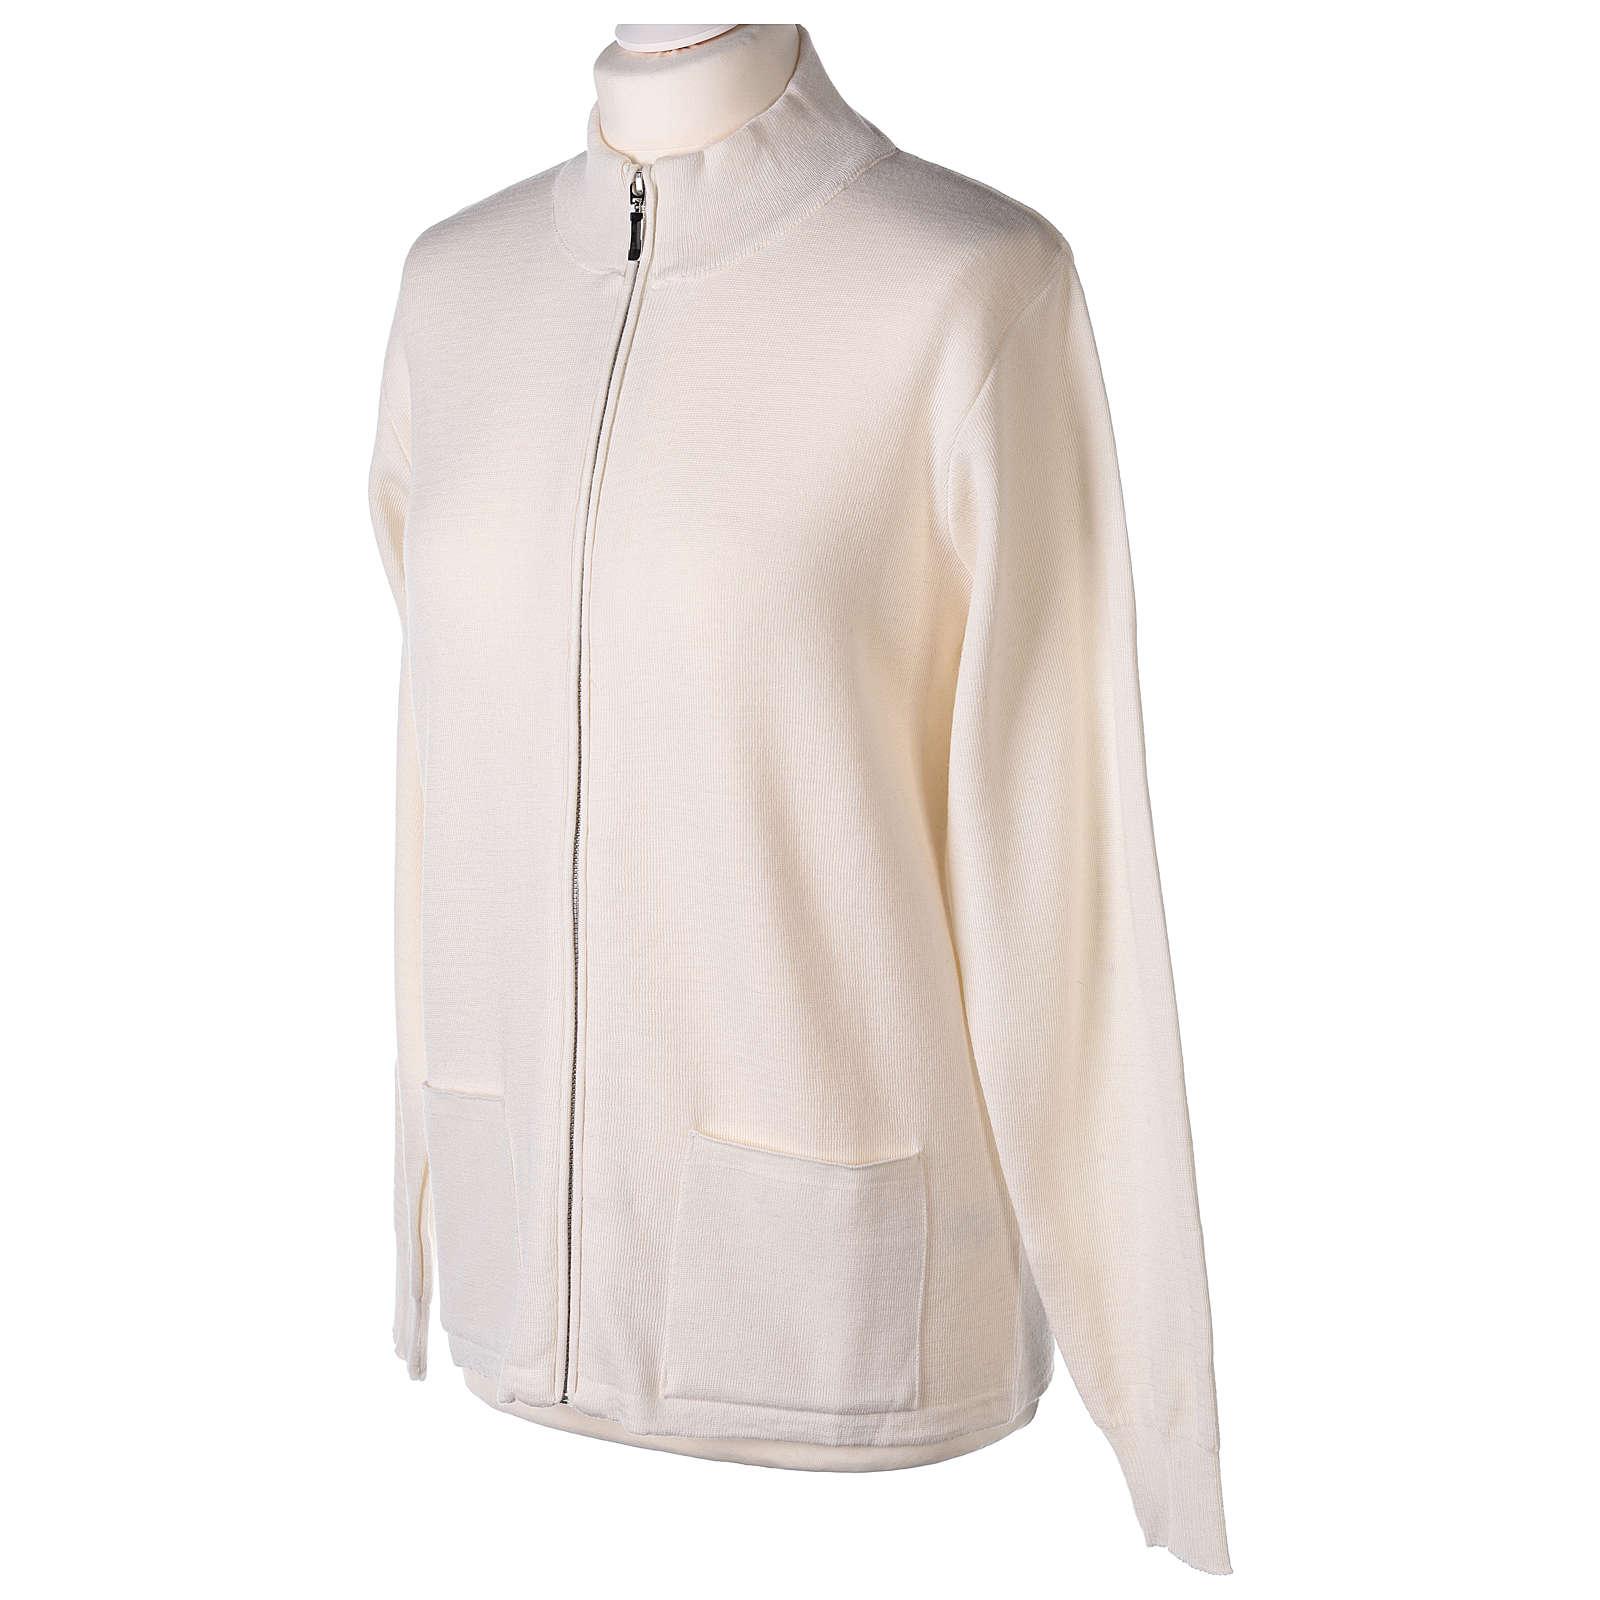 Giacca coreana con zip 50% acrilico 50% lana merino bianca suora In Primis 4